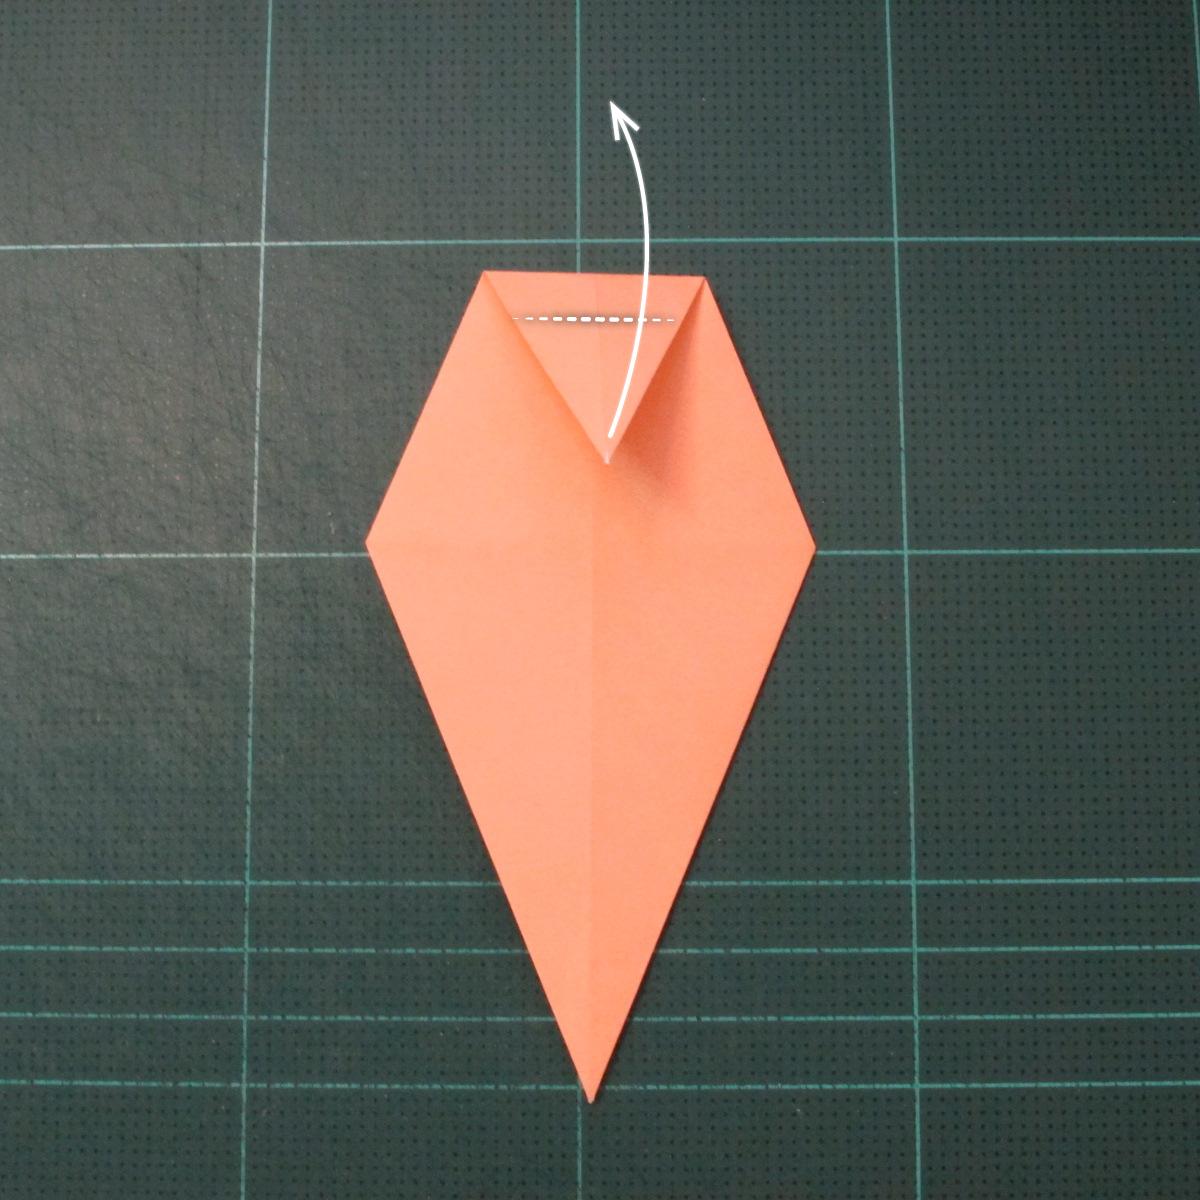 วิธีพับกระดาษเป็นรูปปลาโลมาแบบง่าย (Easy Origami Dolphin) 007